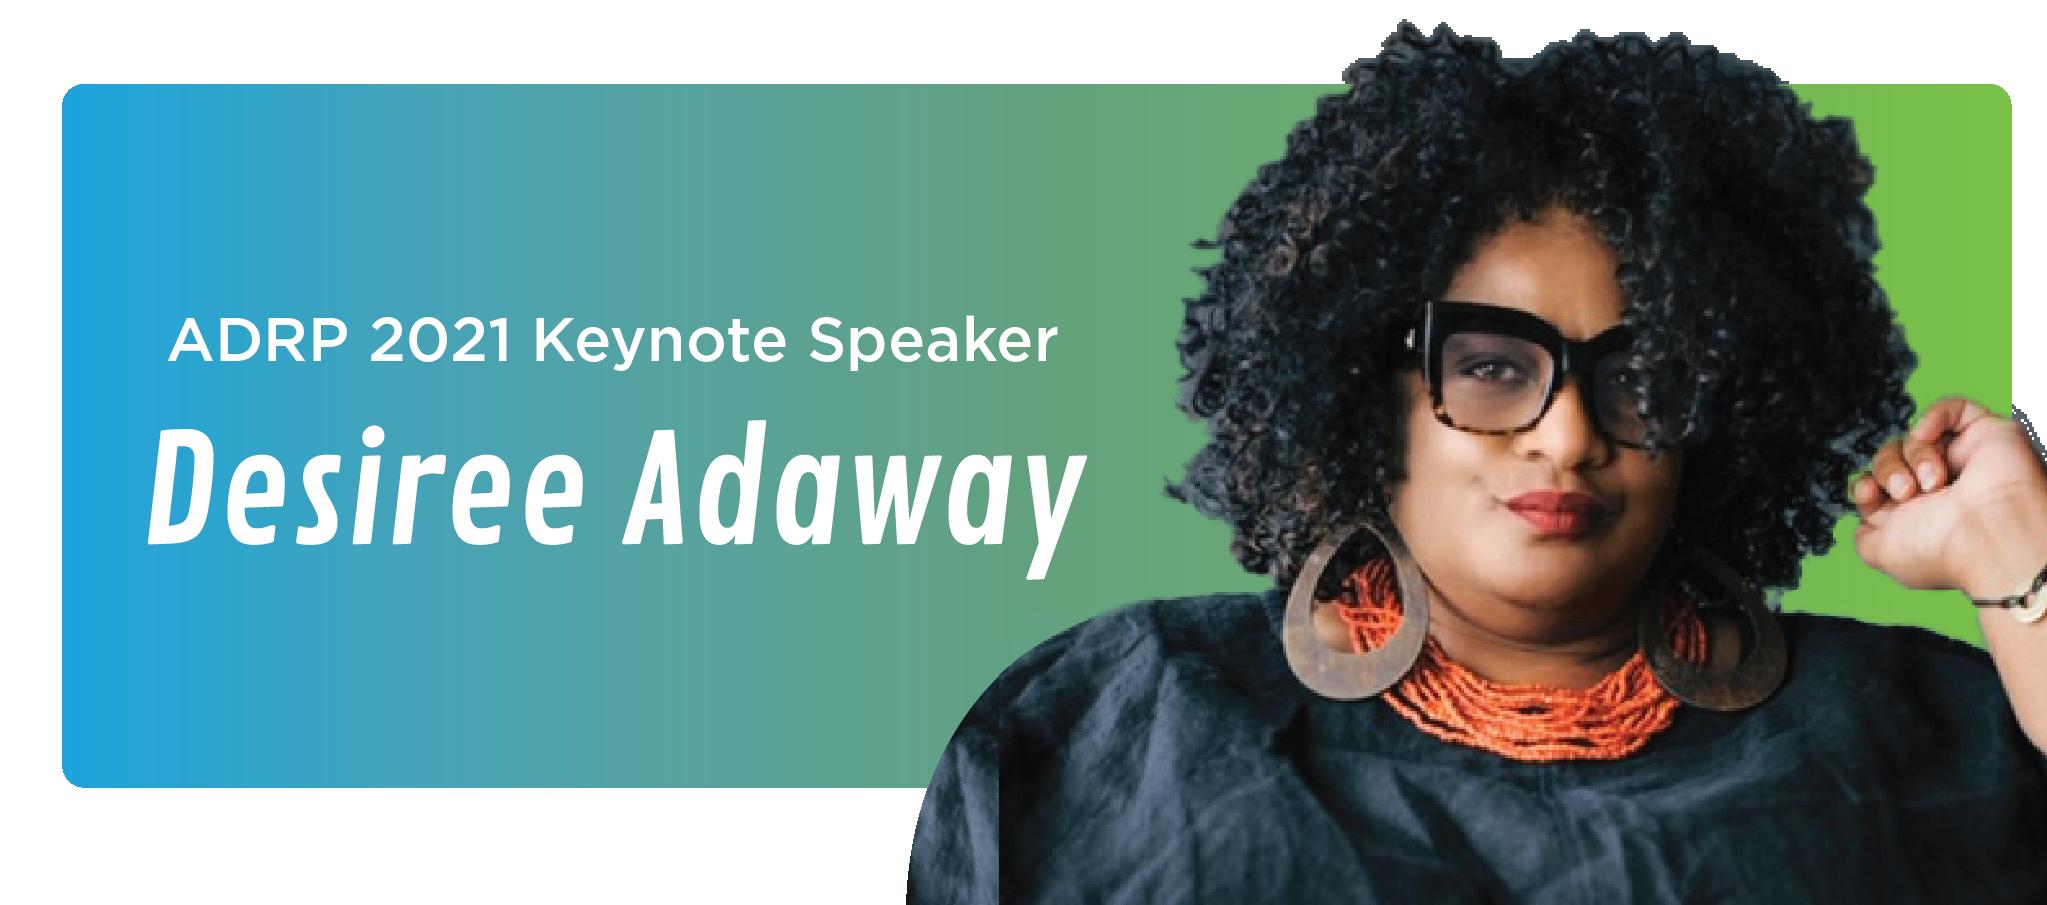 Keynote Speaker Desiree Adaway